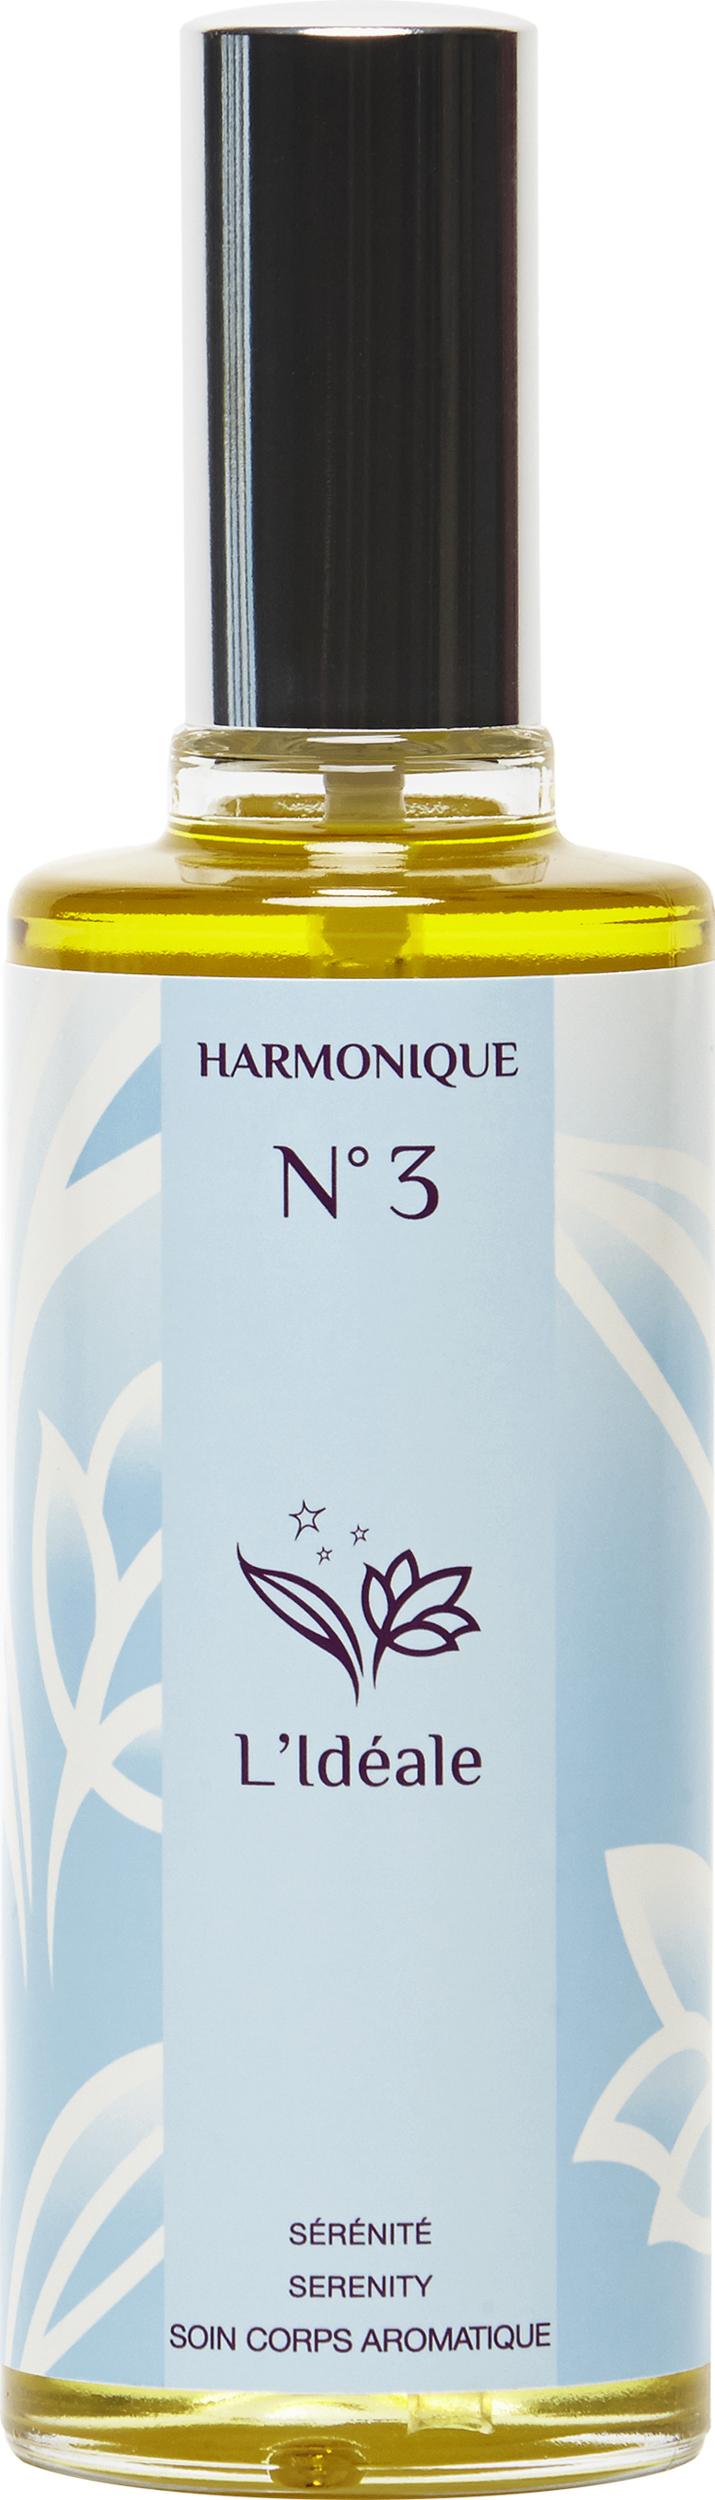 Doux Good- Douces angevines - L'Idéale - harmonique 3